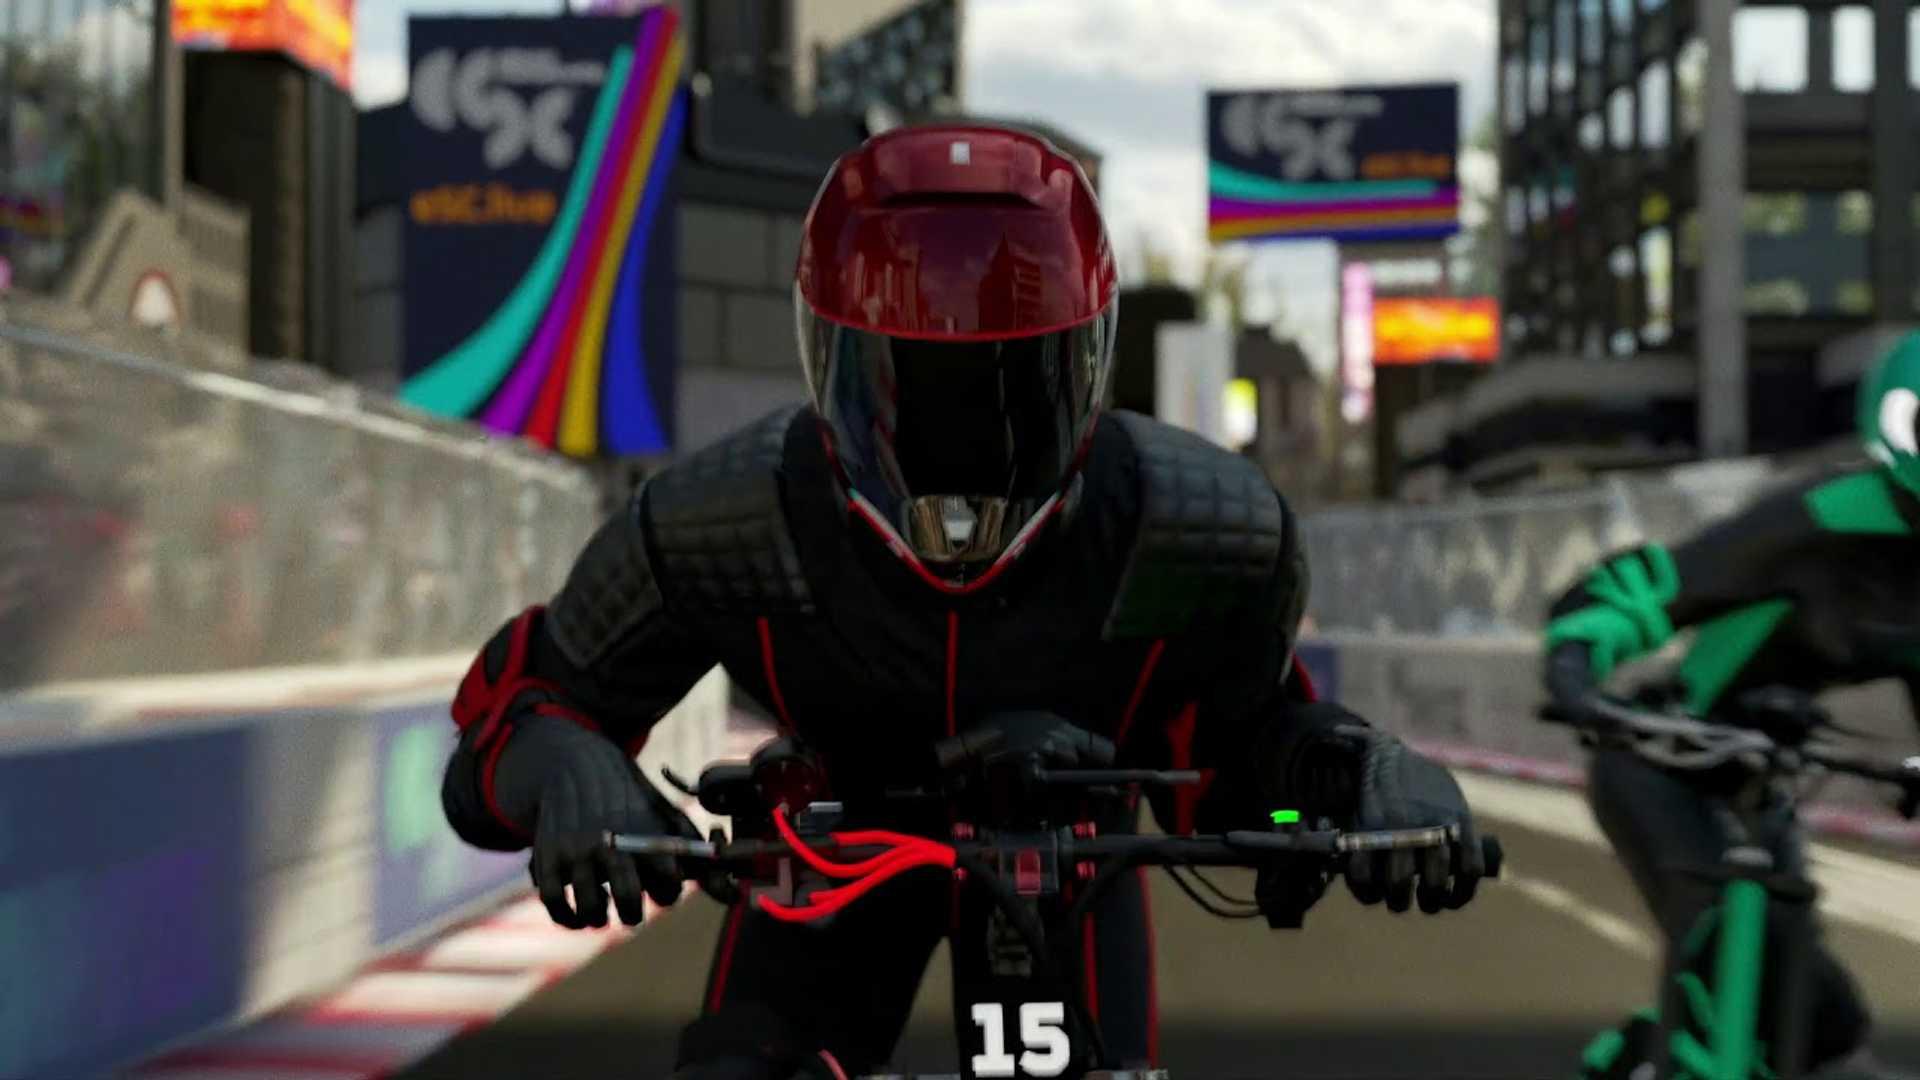 Новая серия гонок Scooter Racing с Tron-подобными визуальными эффектами